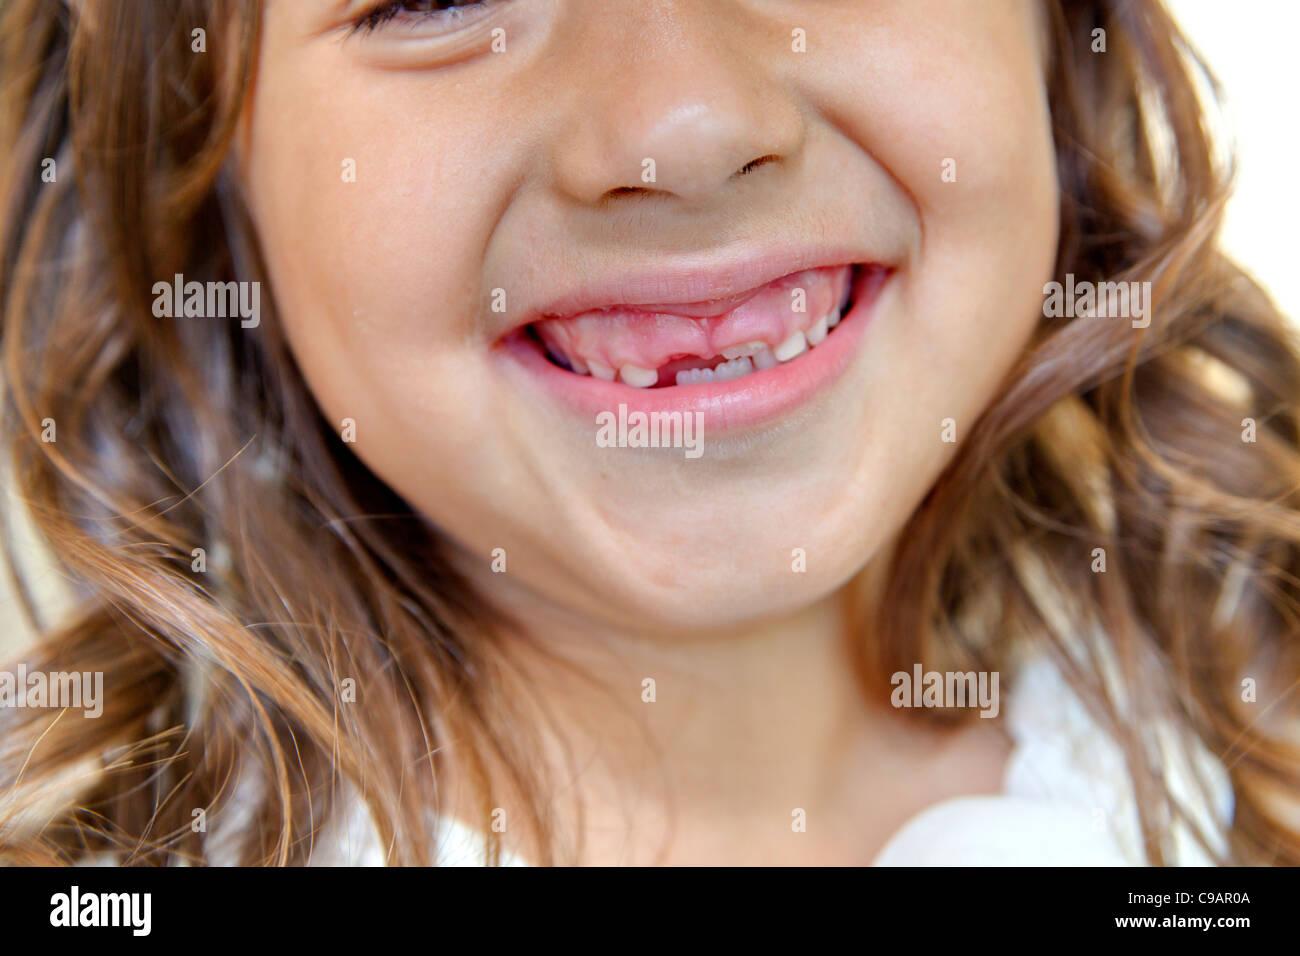 Girl teething - Stock Image